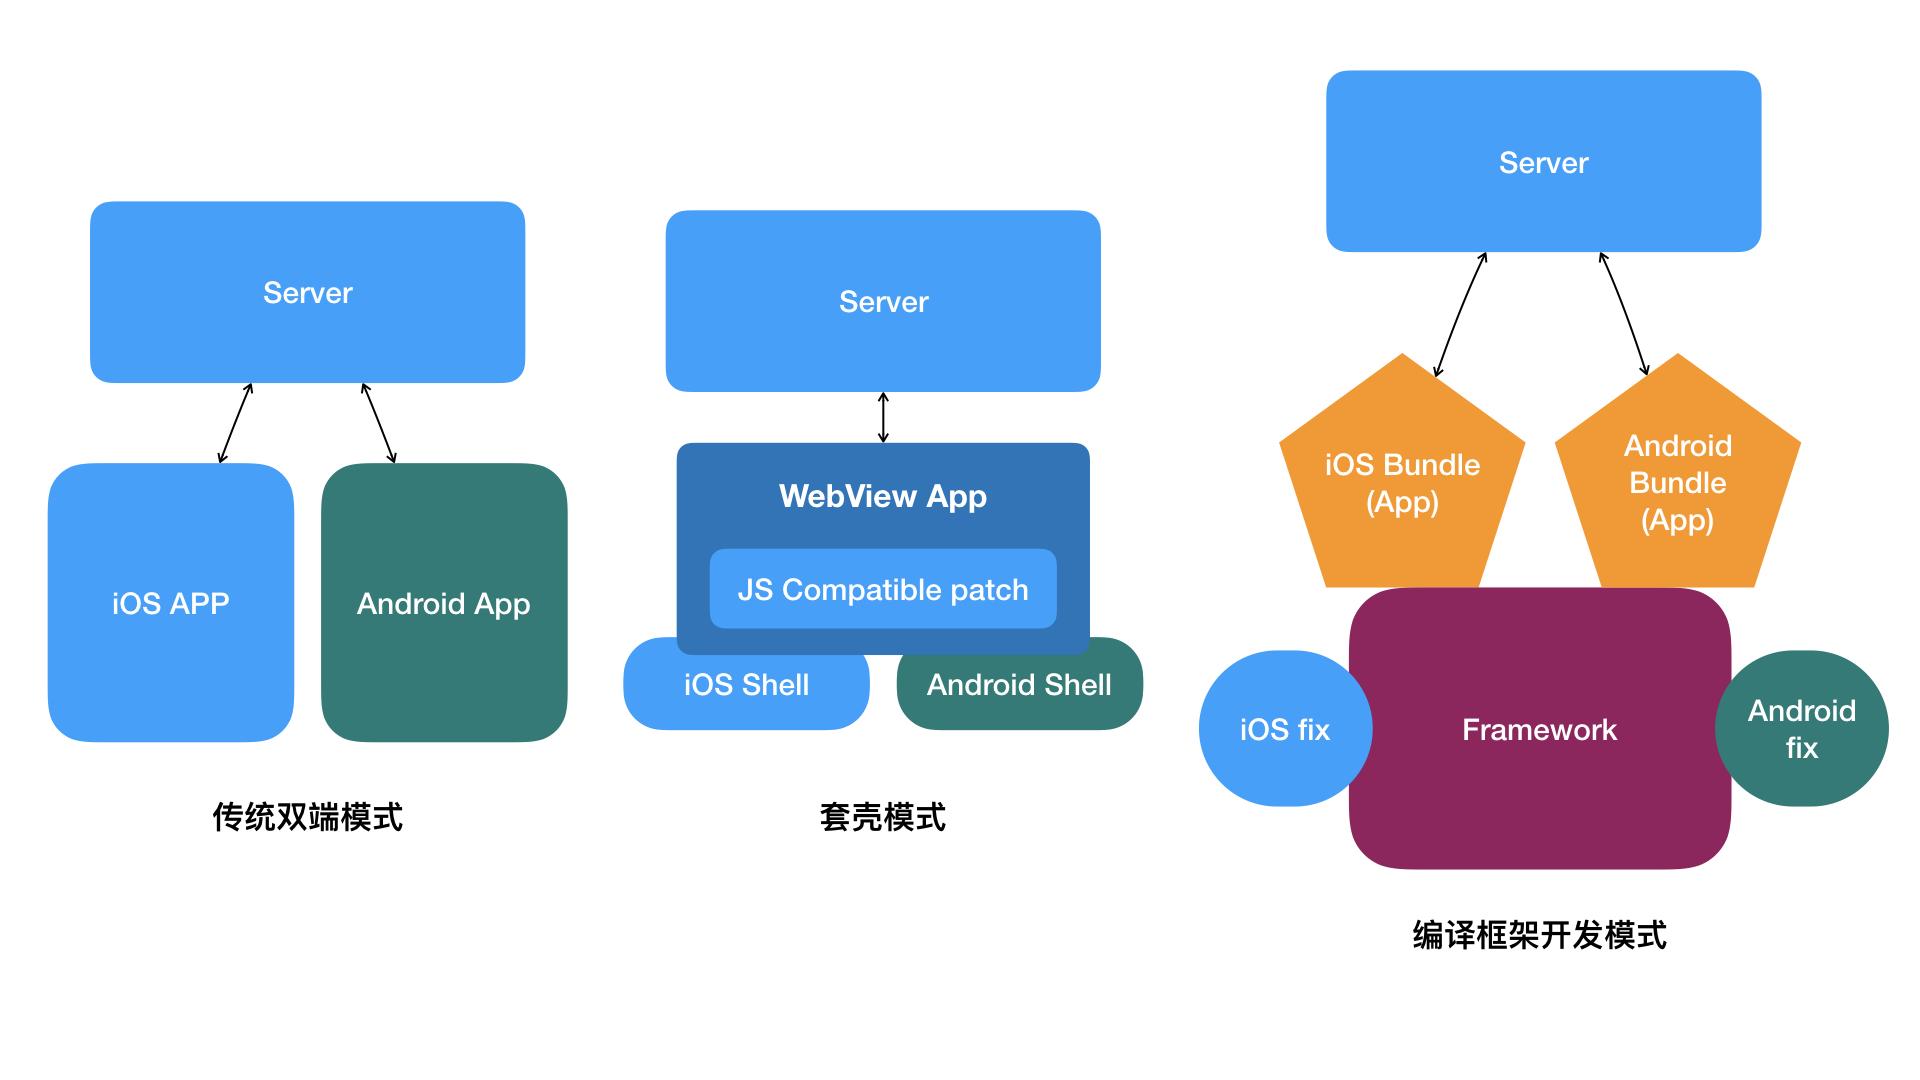 跨平台开发图示1